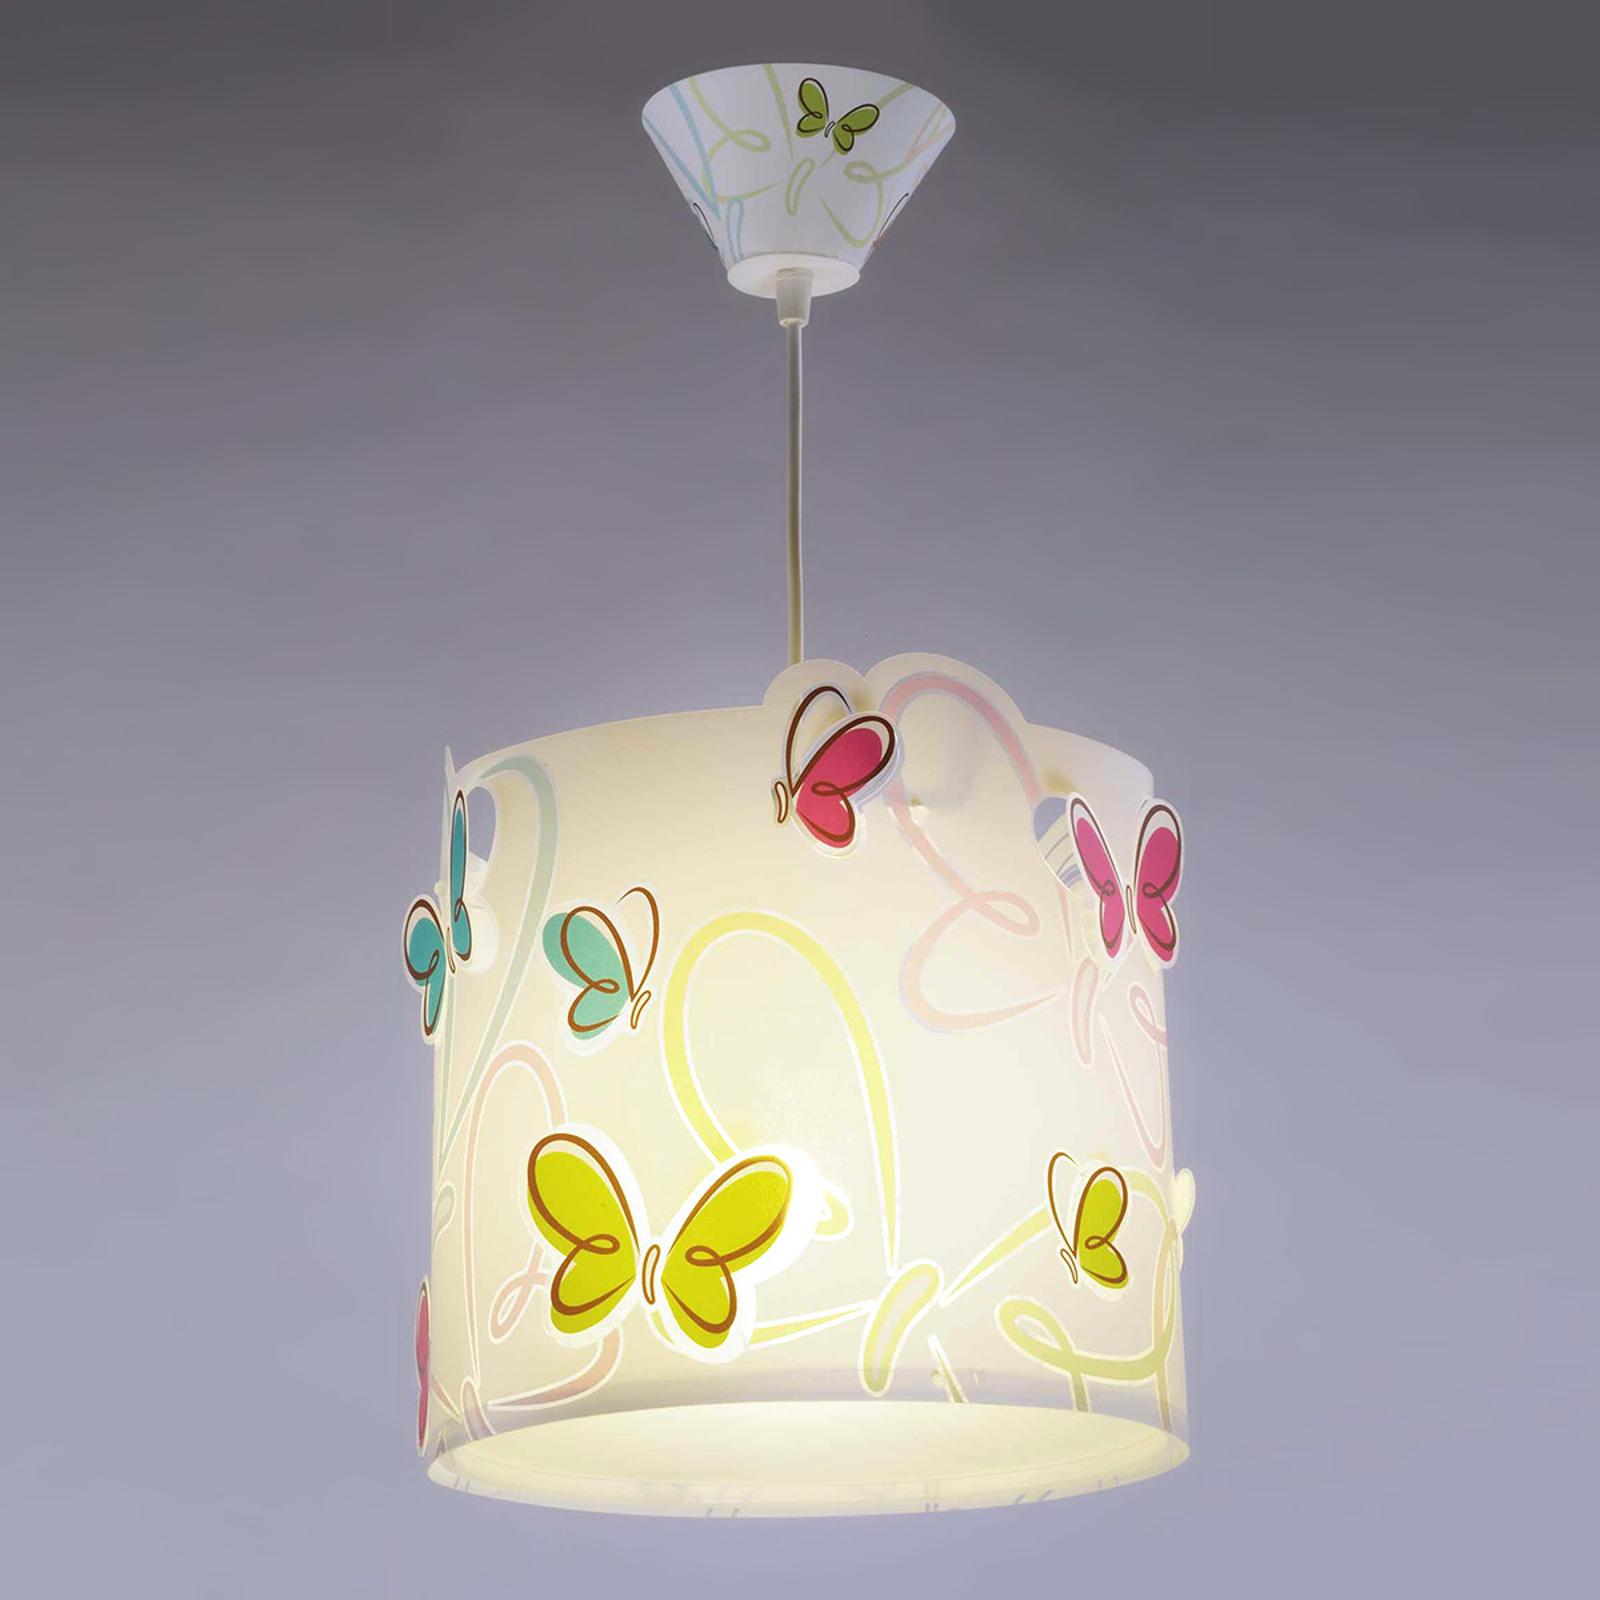 Lenteachtige hanglamp Butterfly